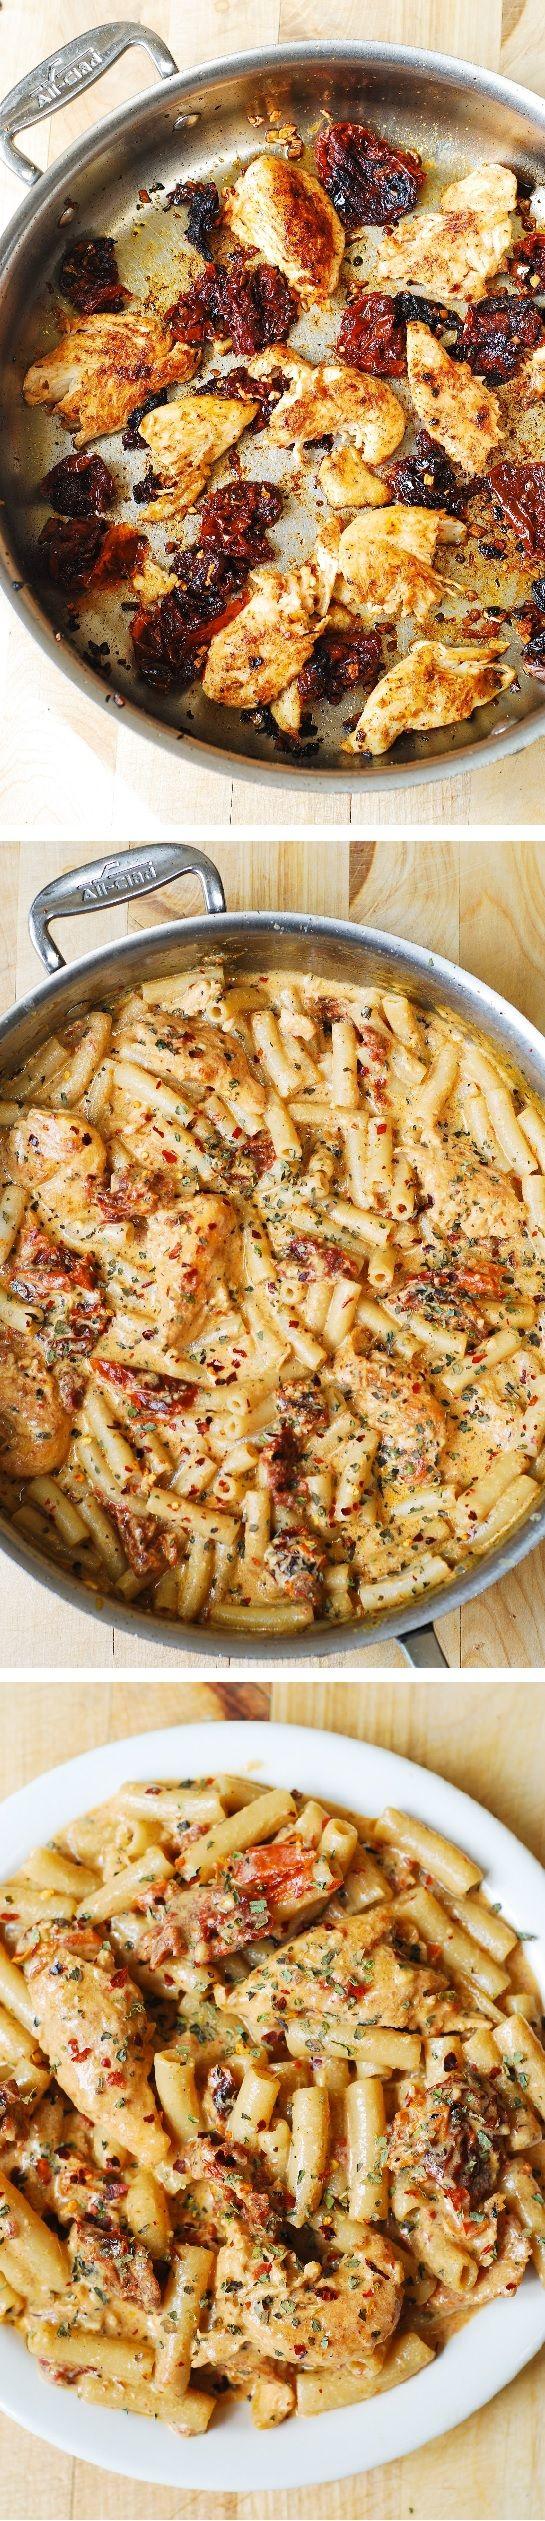 Chicken Mozzarella Pasta - chicken breast tenderloins sautéed with sun-dried tomatoes and penne pasta in a creamy mozzarella cheese sauce.